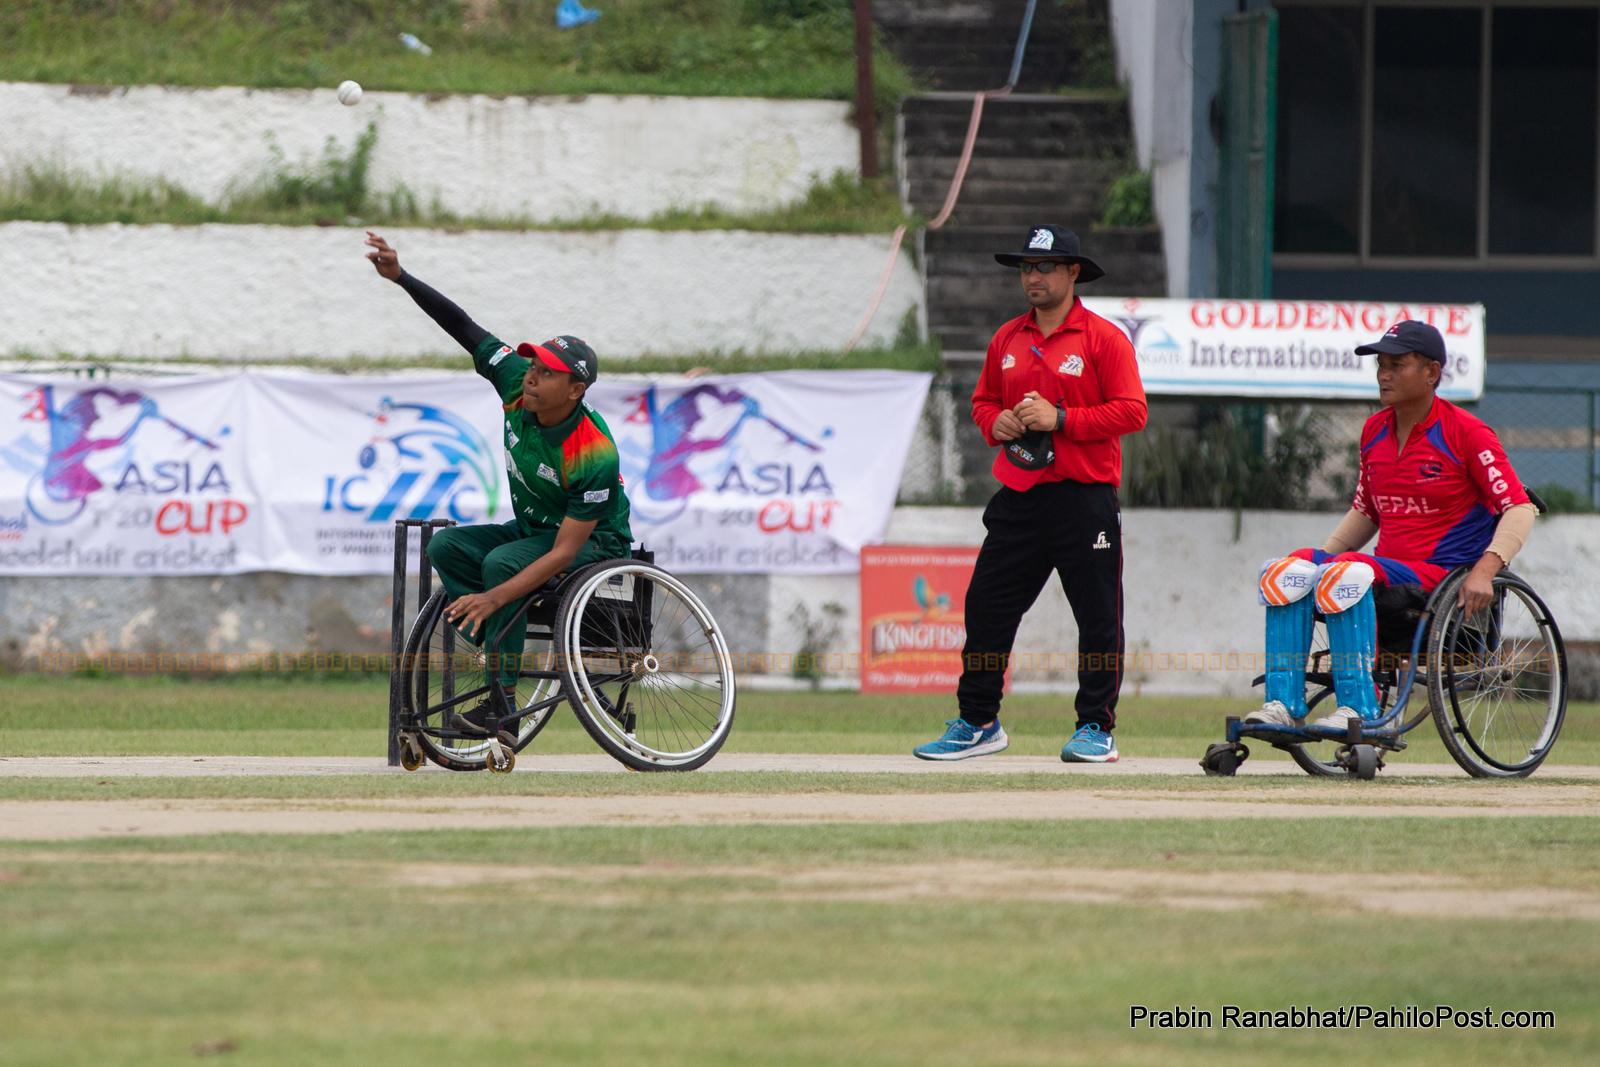 ह्विलचियर एसिया कप क्रिकेट : नेपालको दोस्रो हार, भारतको लगातार दोस्रो जित